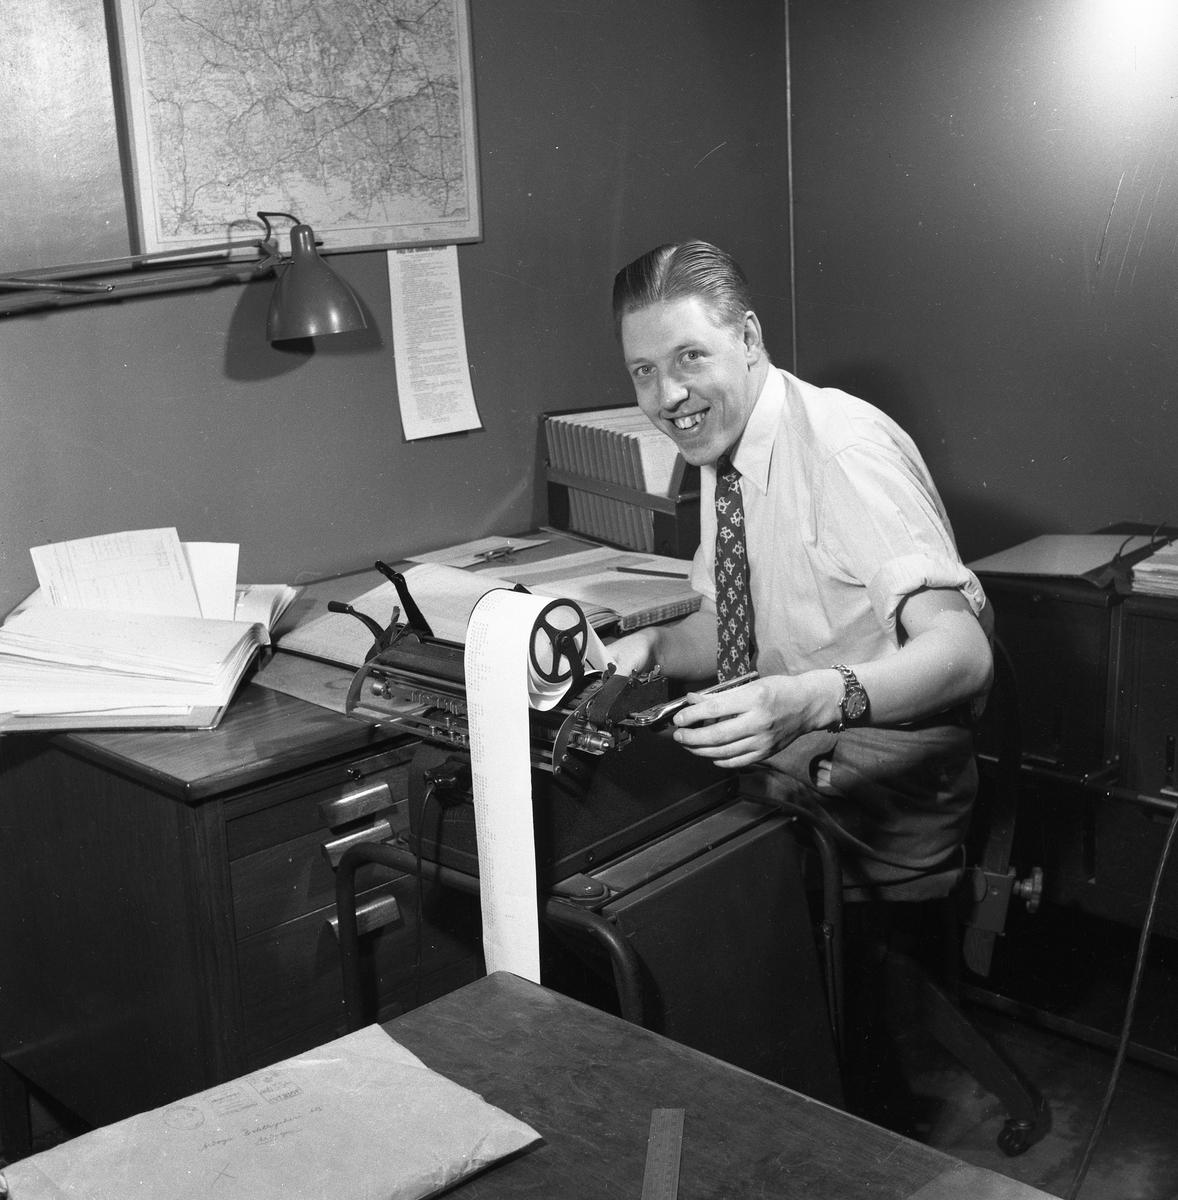 Arboga Tidning, personal och interiör. En man, iklädd skjorta och slips, arbetar vid en räknemaskin. Kontorsstolen är försedd med hjul. På skrivbordet ligger en uppslagen pärm. På väggen hänger en karta.